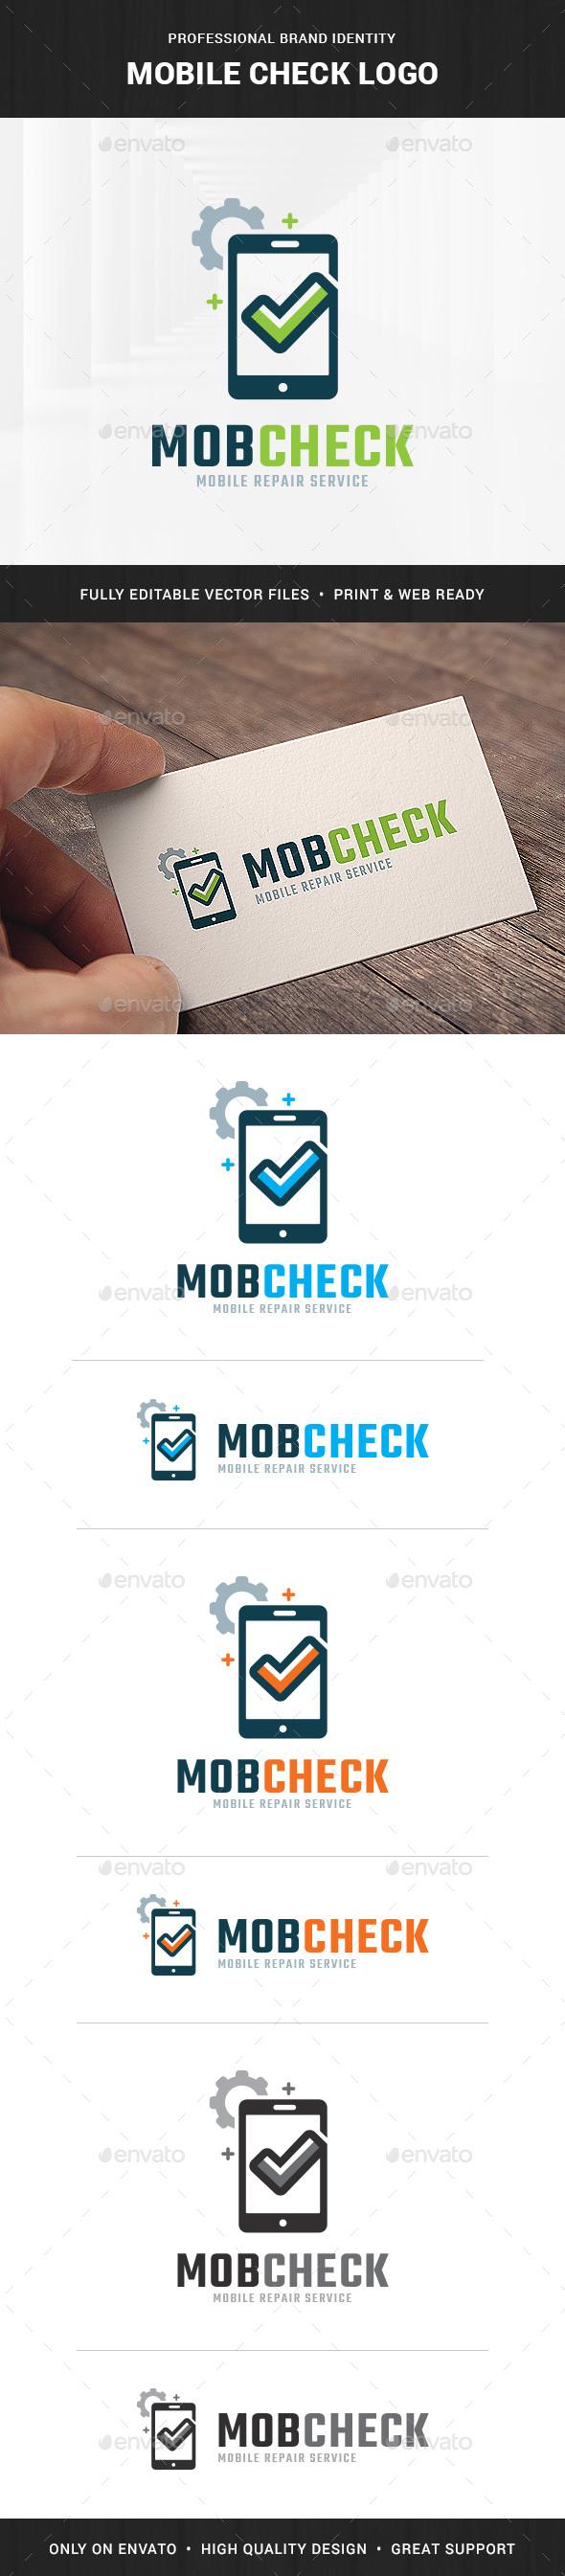 Mobile Check Logo Template